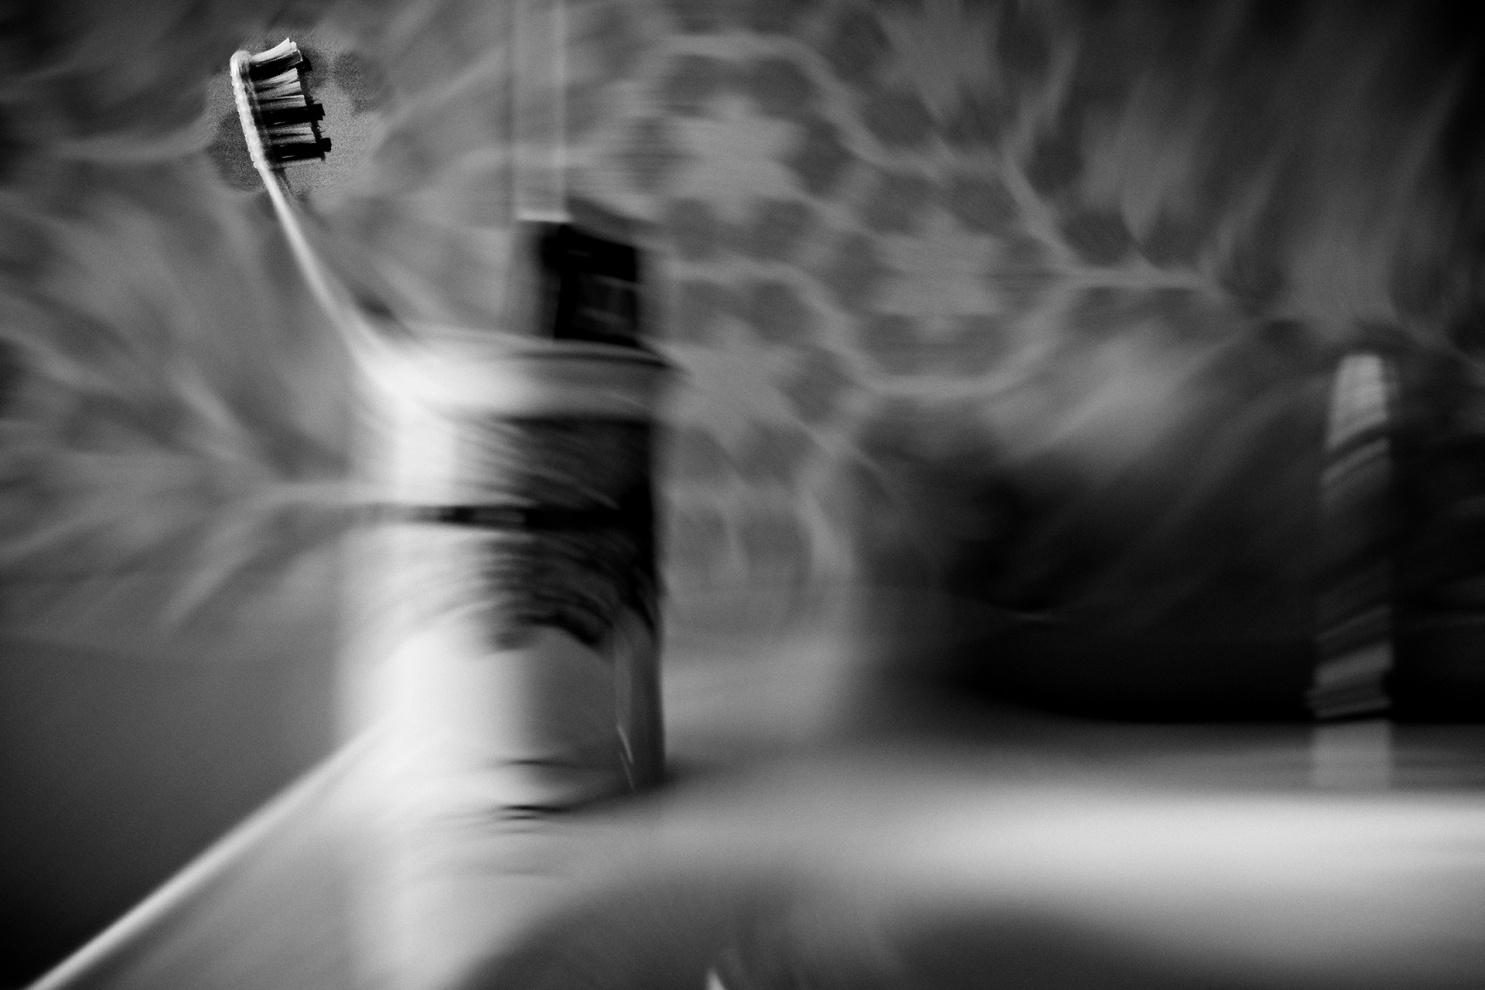 Il mio spazzolino single, Trapani, 2017. © Salvatore Titoni.